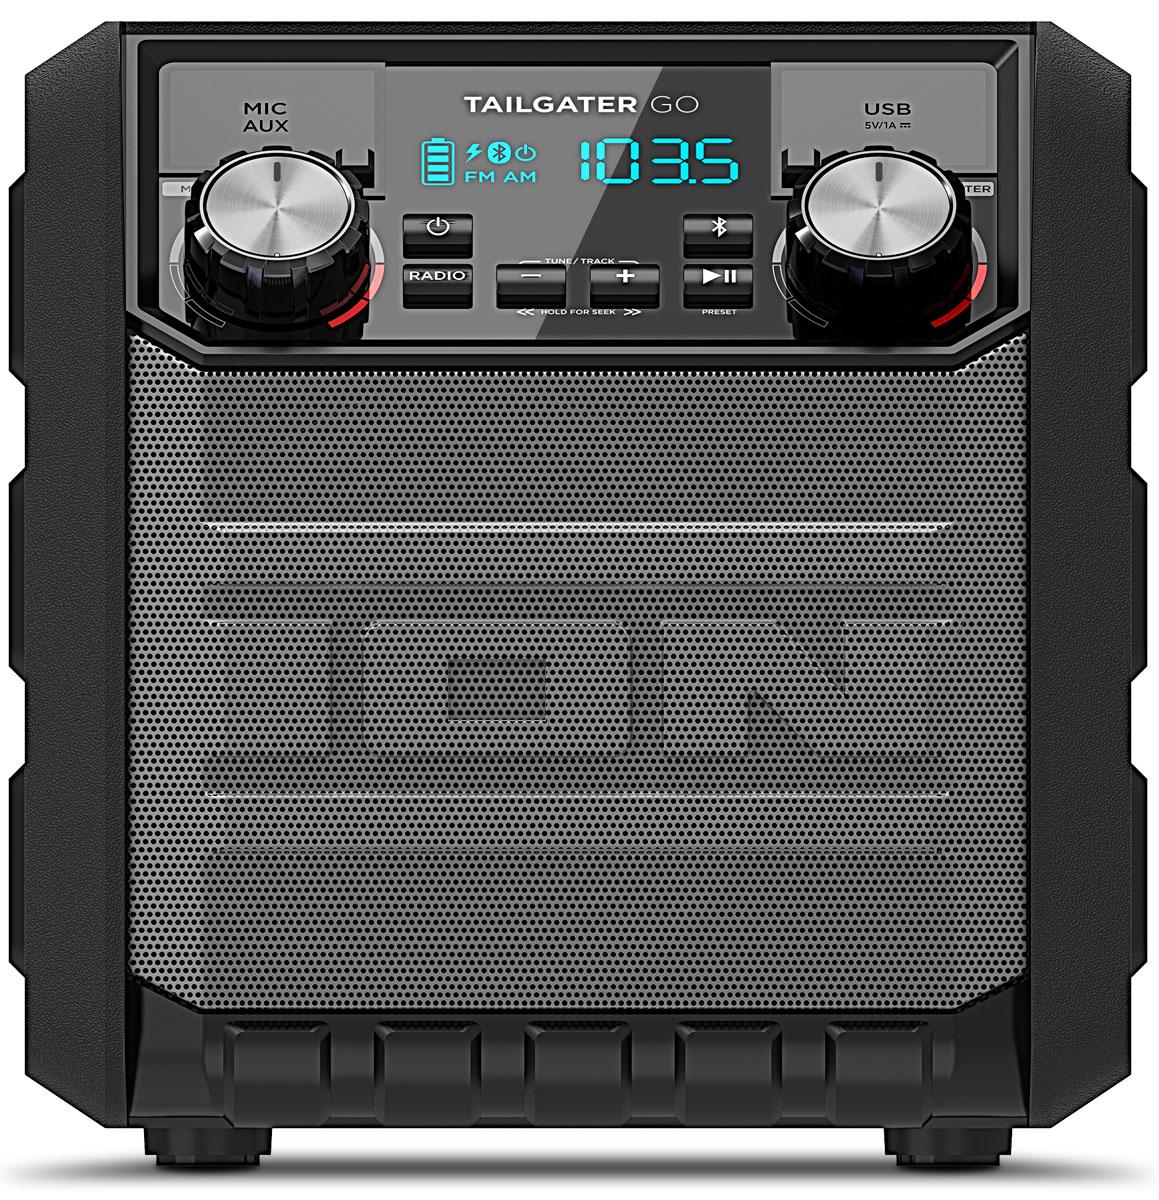 ION Audio Tailgater Go, Black портативная акустическая системаIONtgoION Audio Tailgater GO - компактная переносная звуковая система с повышенным классом влагозащищенности. Tailgater GO принимает Bluetooth-сигнал от смартфонов или планшетов, работающих на Android и iOS. Обладает серьезными многочасовыми аккумуляторами и предназначена для использования на открытом воздухе.Новейшая аудио-система ION Audio Tailgater GO (дословный перевод – не соблюдающая дистанцию) с безупречным звучанием имеет FM/AM радио с памятью на 10 радиостанций, мощные динамики, аккумуляторы на 30 часов автономной работы и USB-розетку для зарядки смартфона. Самочувствие системы можно отслеживать на улучшенном светодиодном дисплее. Вы можете отойти от системы со своим смартфоном на расстояние до 30 м – она будет работать четко и без помех.Тип динамиков: 1 tweeter, 4 wooferNFC-панельAM/FM радиоприемникПамять на 10 радиостанций